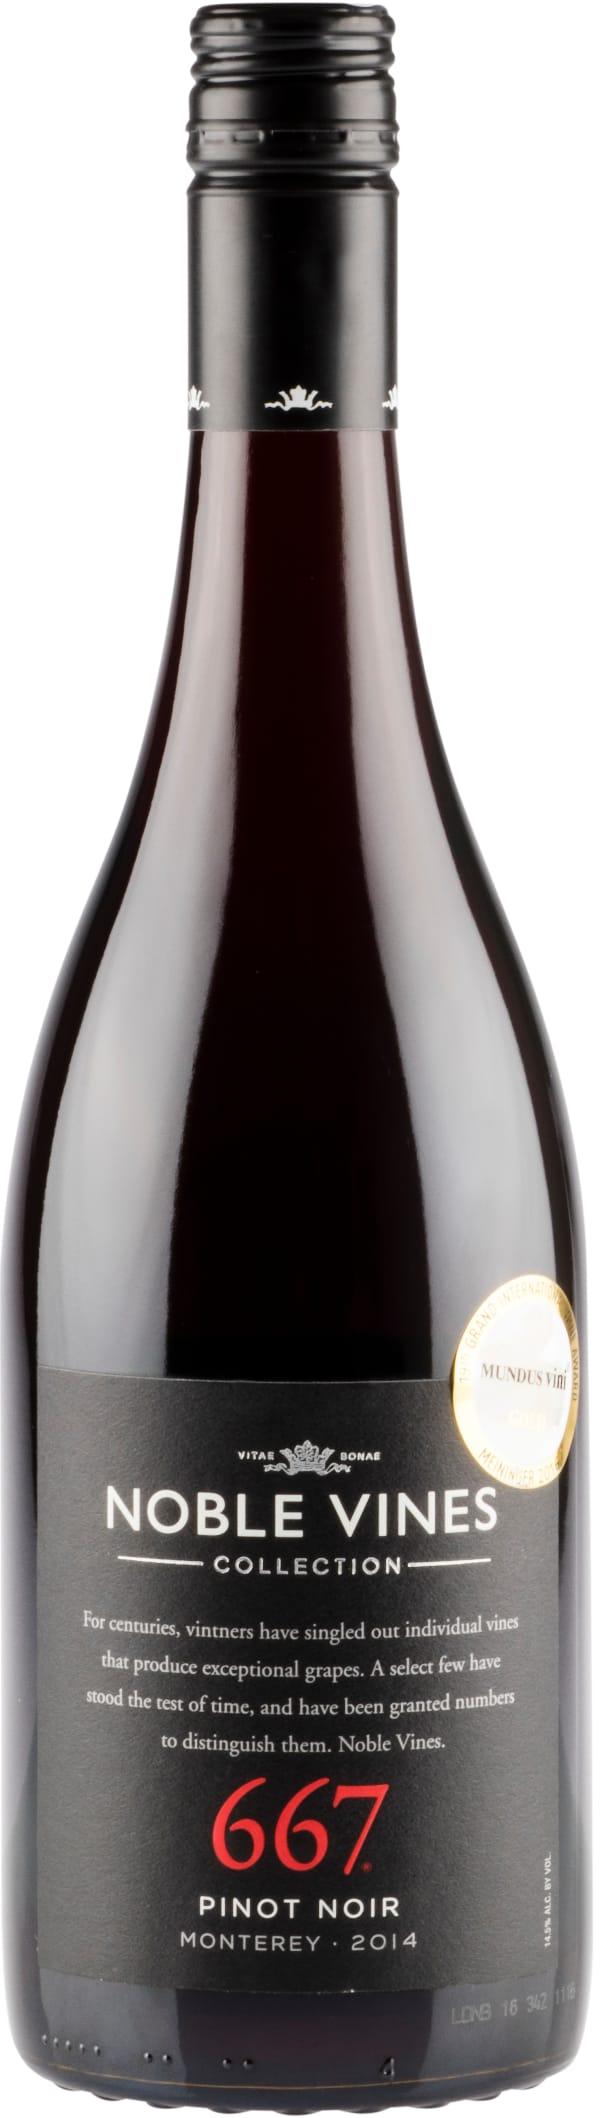 Noble Vines 667 Pinot Noir 2017